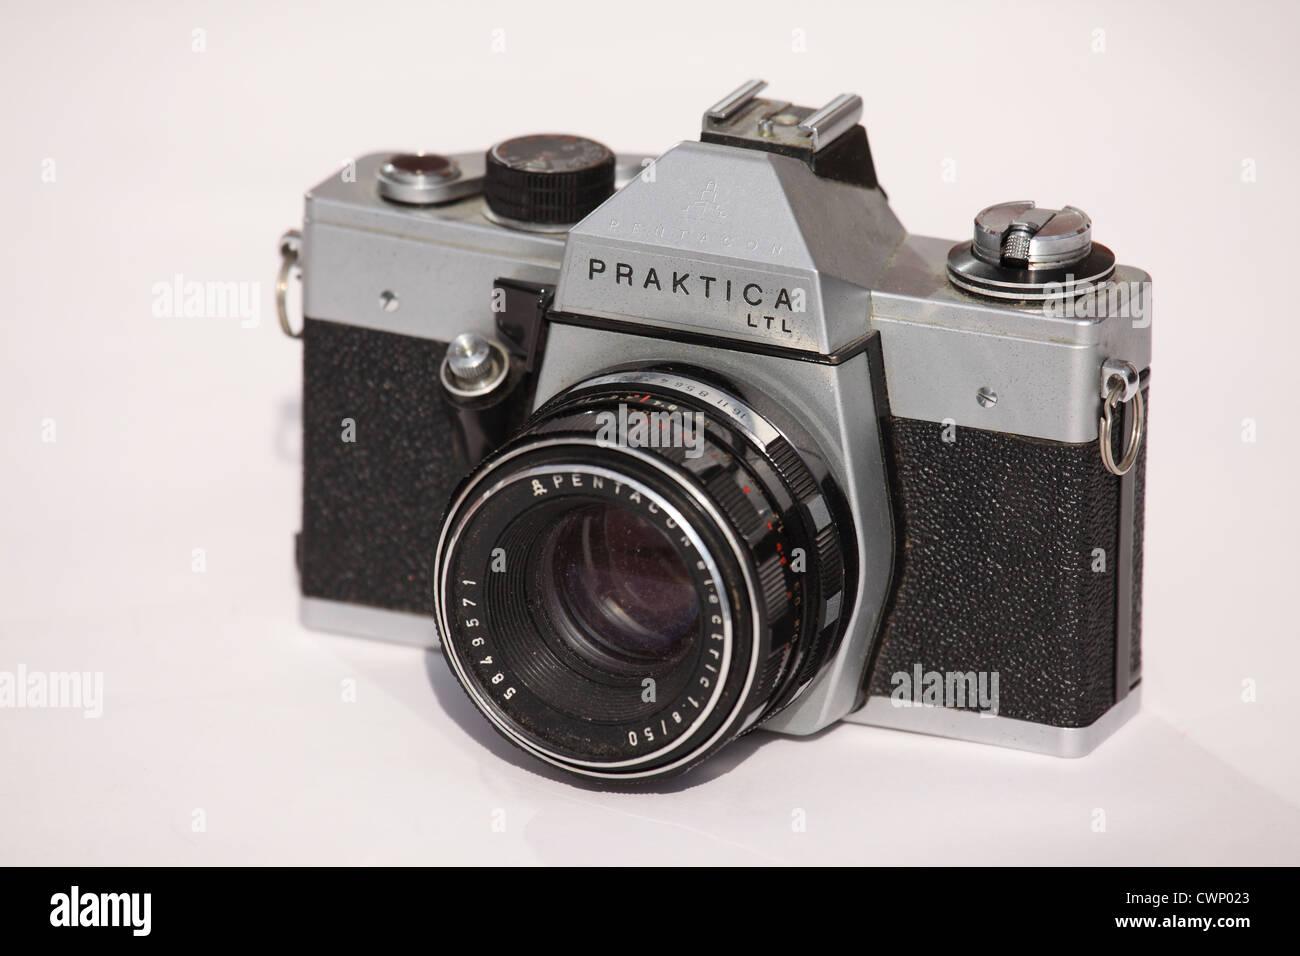 A Praktica 35mm format film camera. - Stock Image